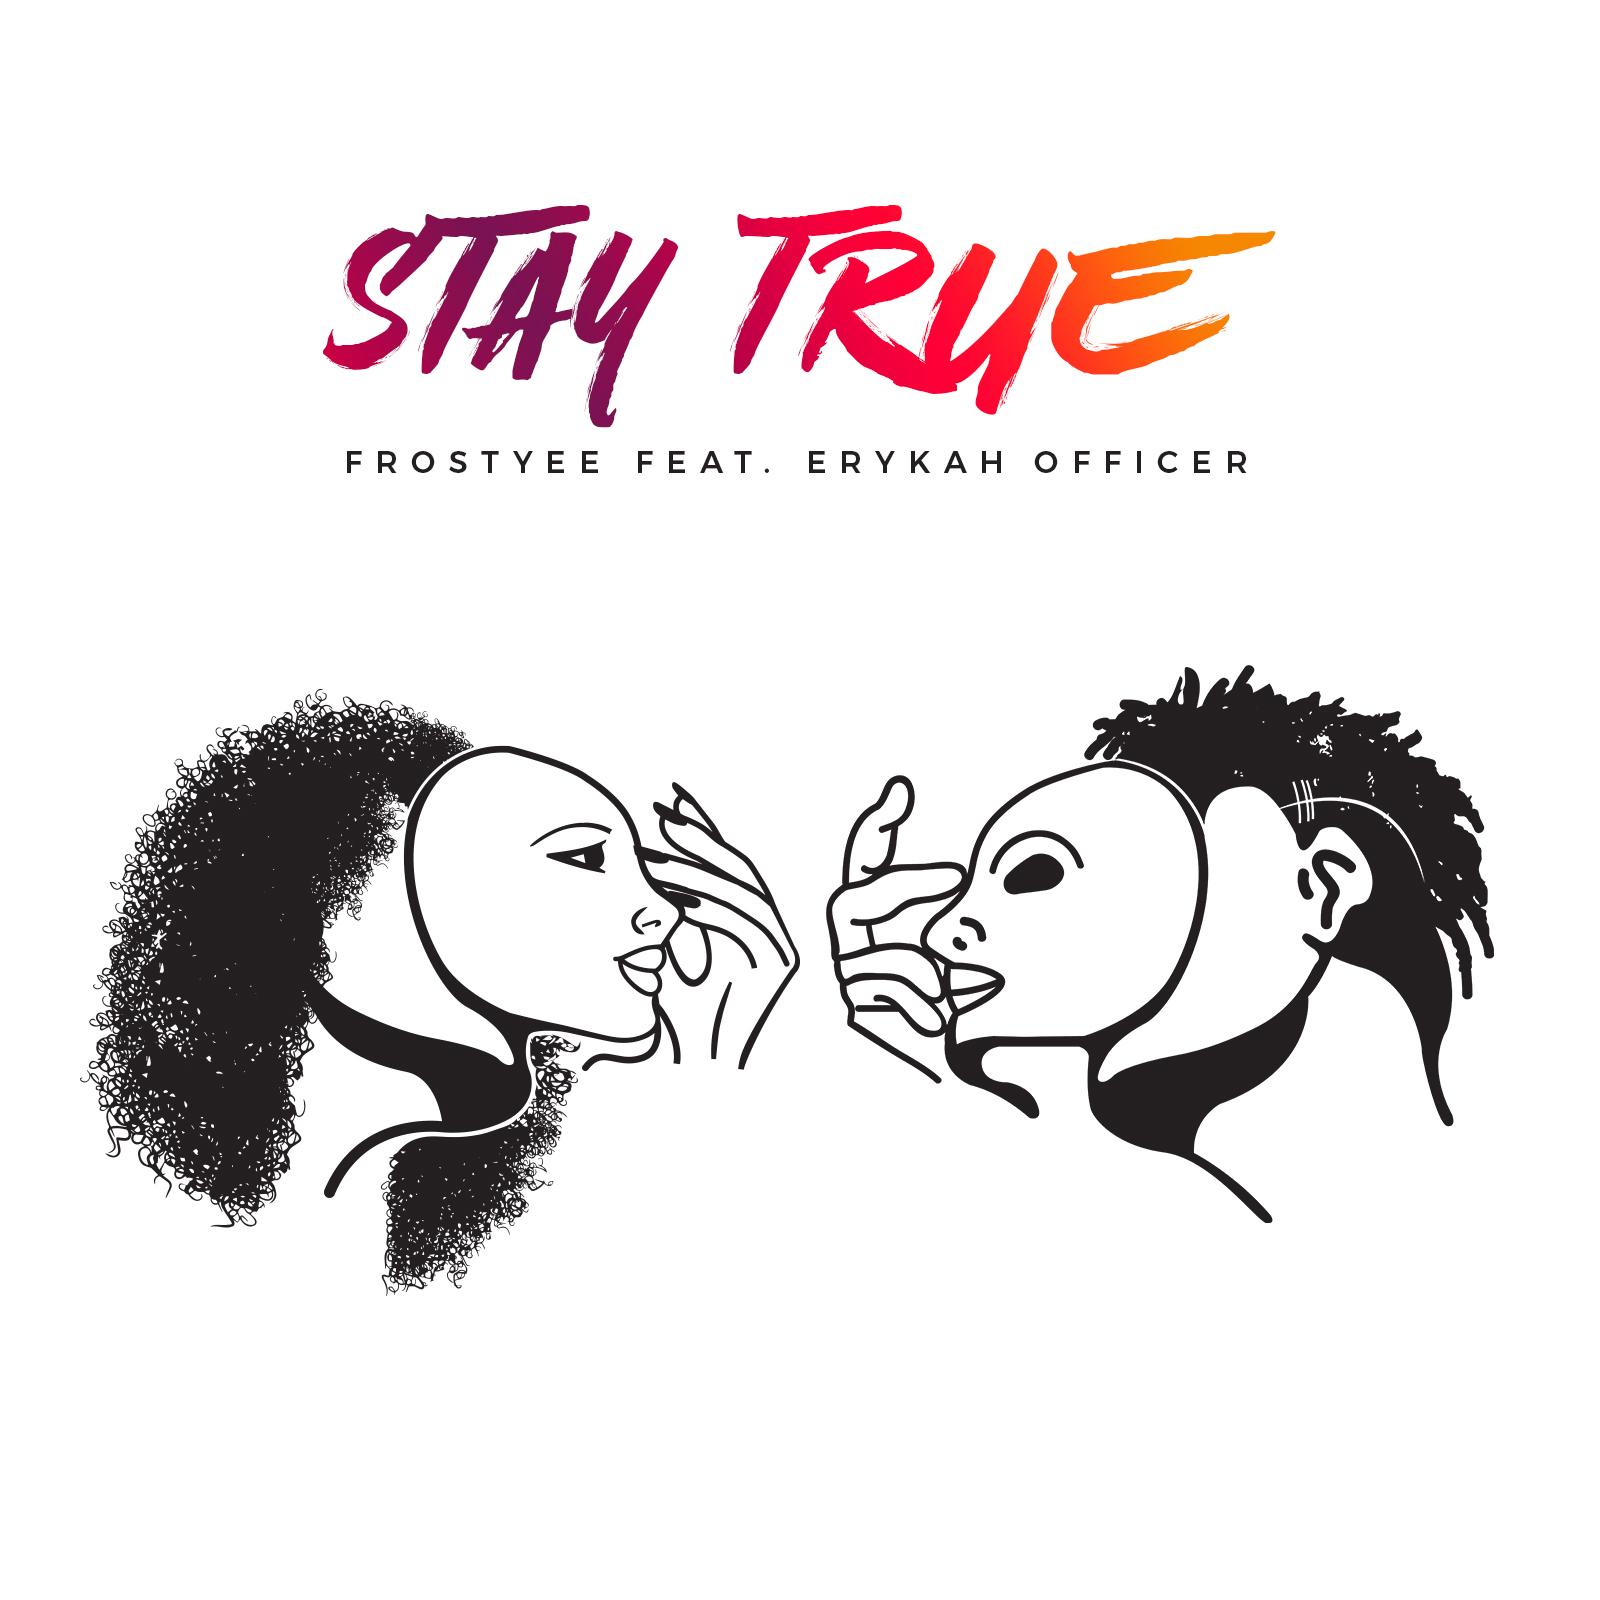 Stay-true.jpg